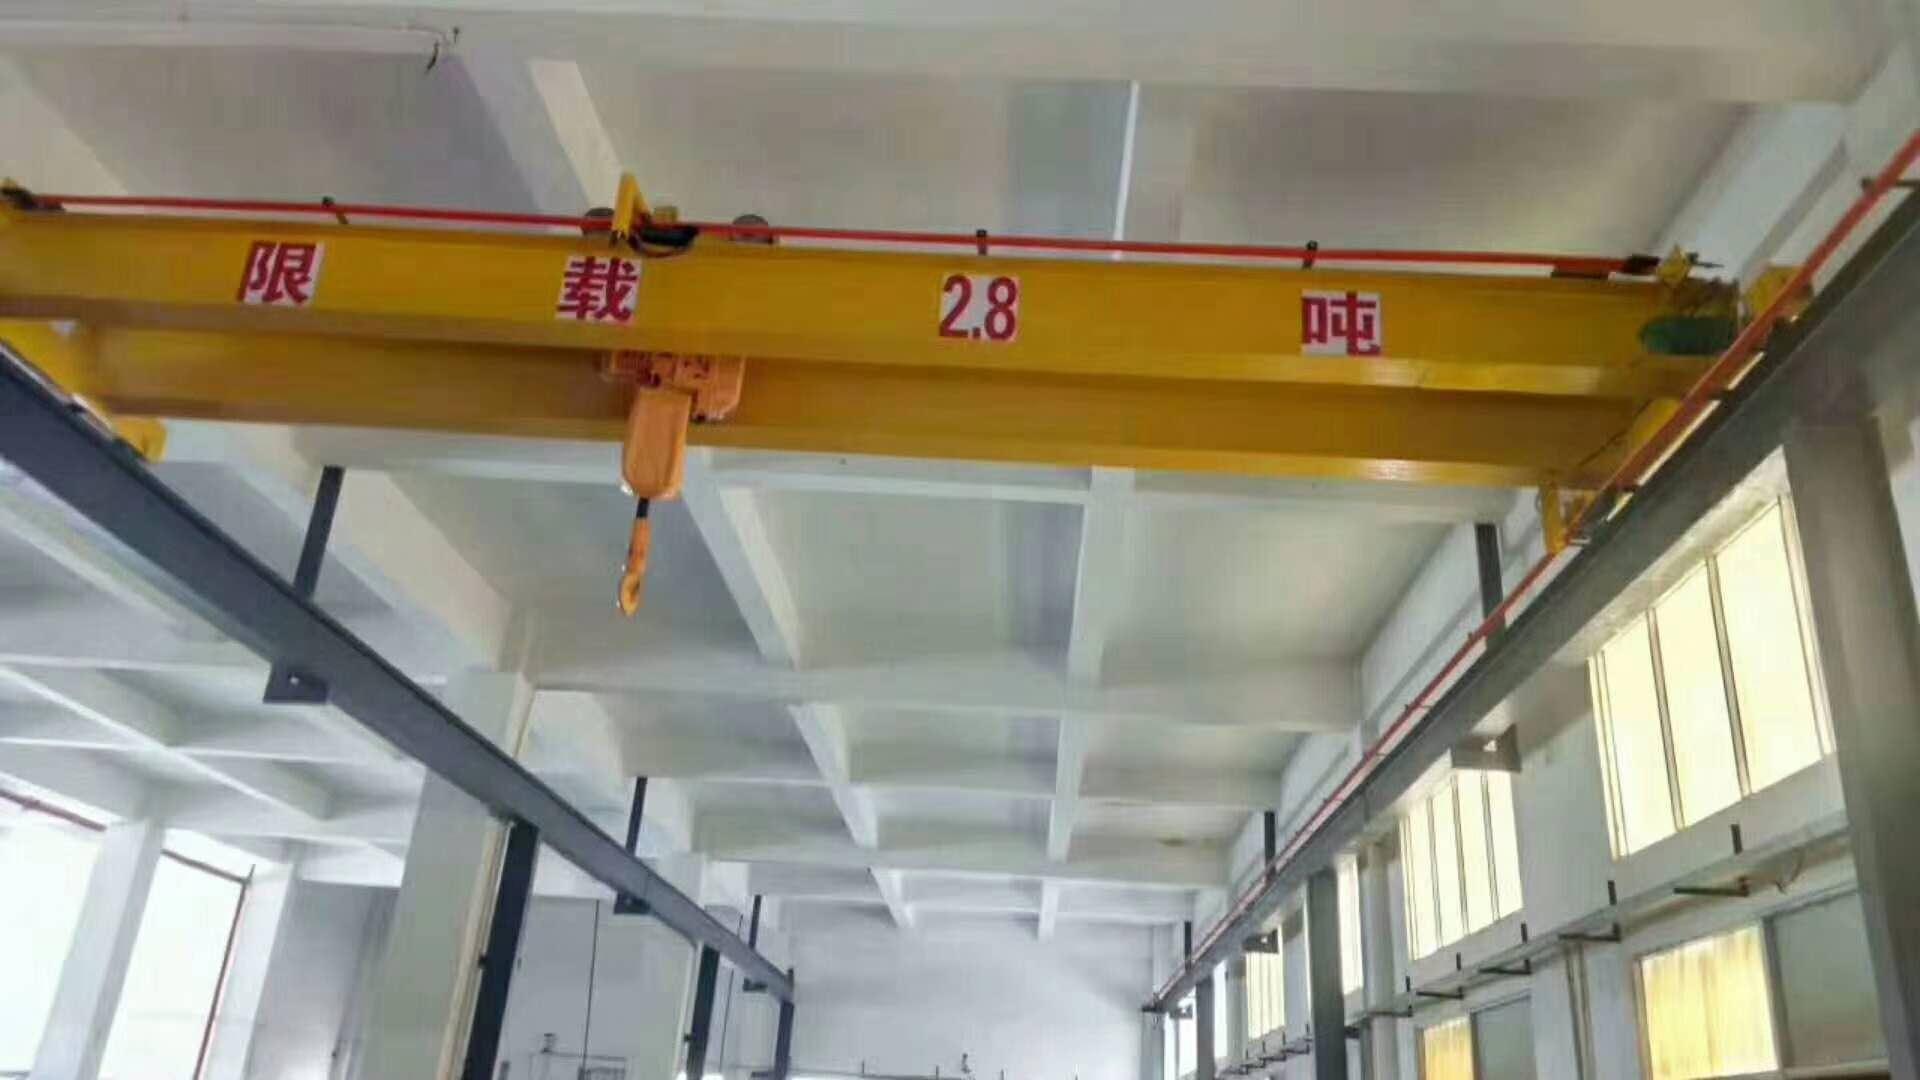 天车行吊工程,100吨架桥机自重多少吨,电动单轨吊,行车规格型号分类